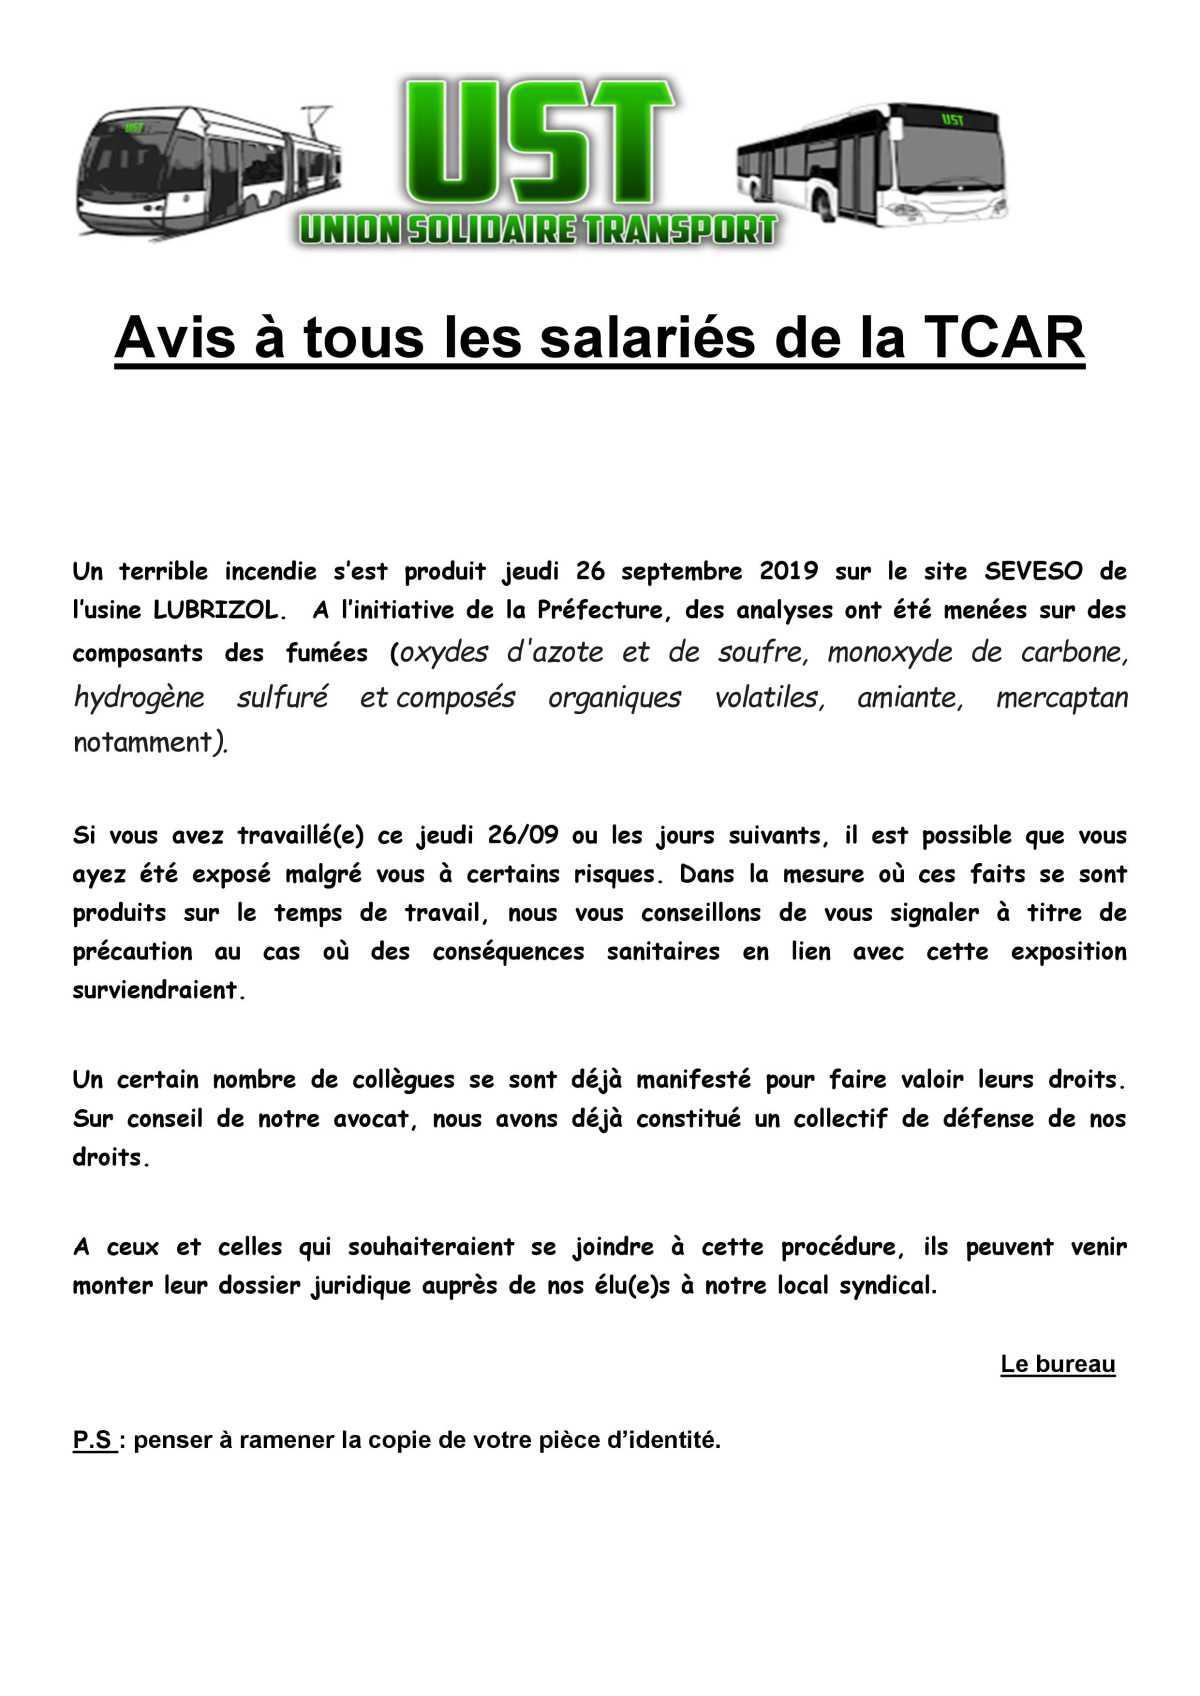 Avis à tous les salariés de la TCAR ROUEN